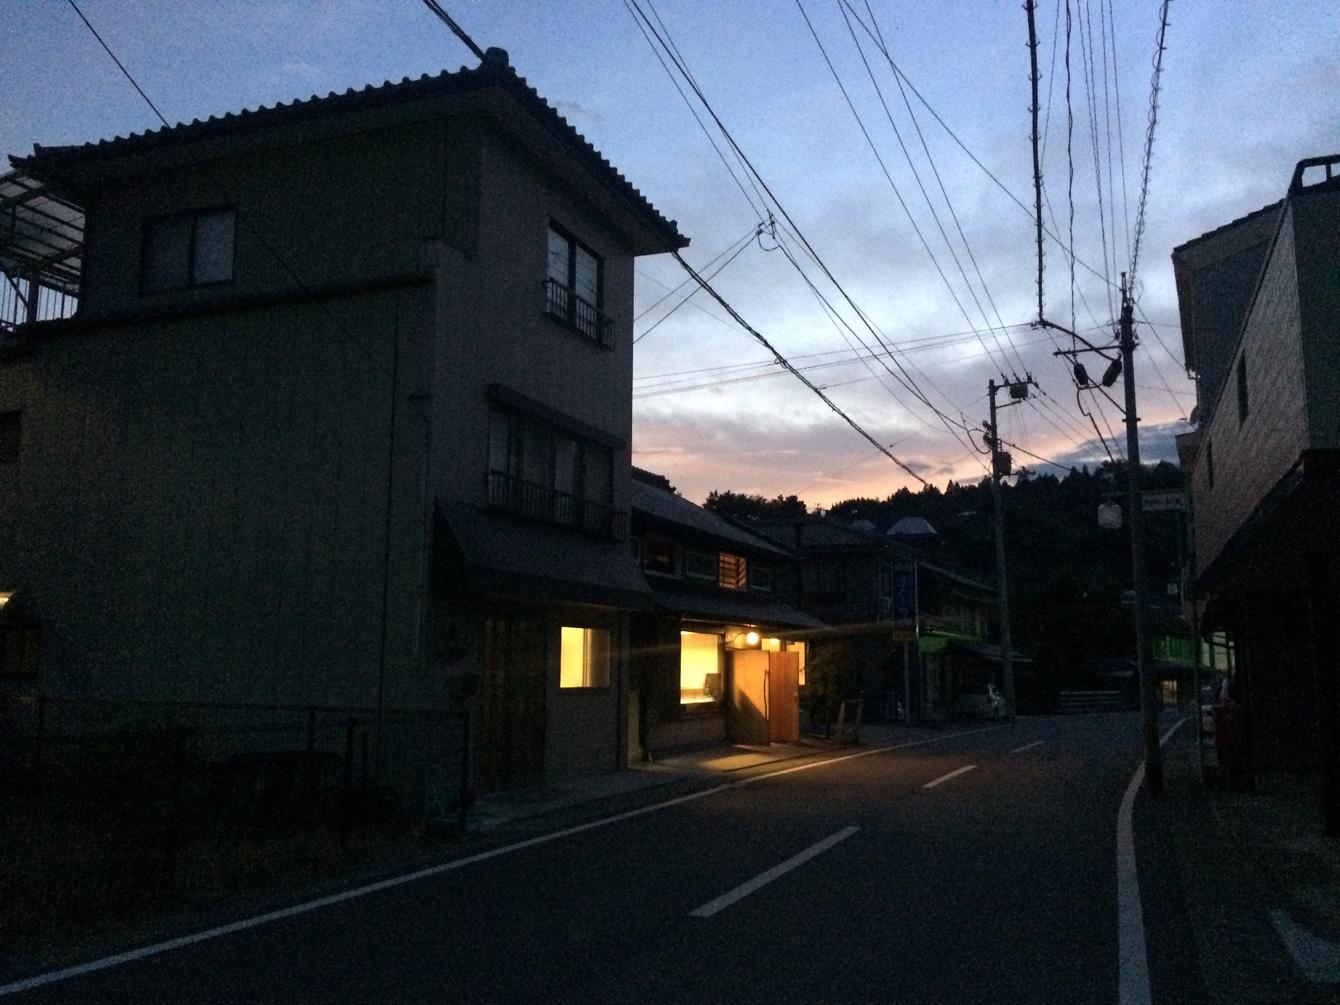 夕暮れ時の寄居の商店街から見えるカフェ・オニヴァ。